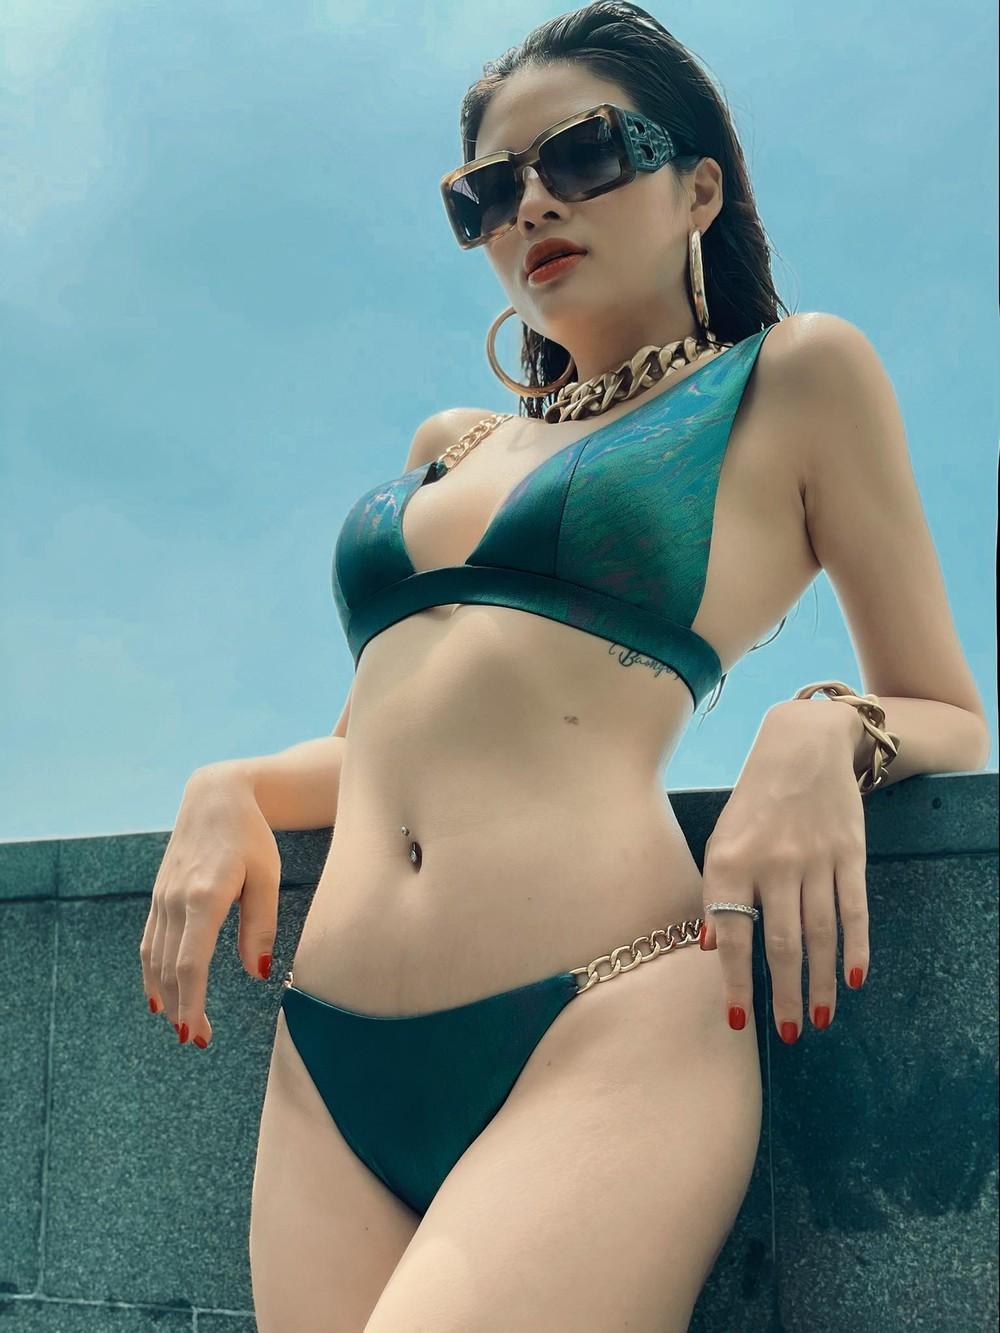 Mời Trâm Anh và dàn người đẹp nóng bỏng làm mẫu bikini, Phan Hoàng Thu gặp rắc rối - Ảnh 1.